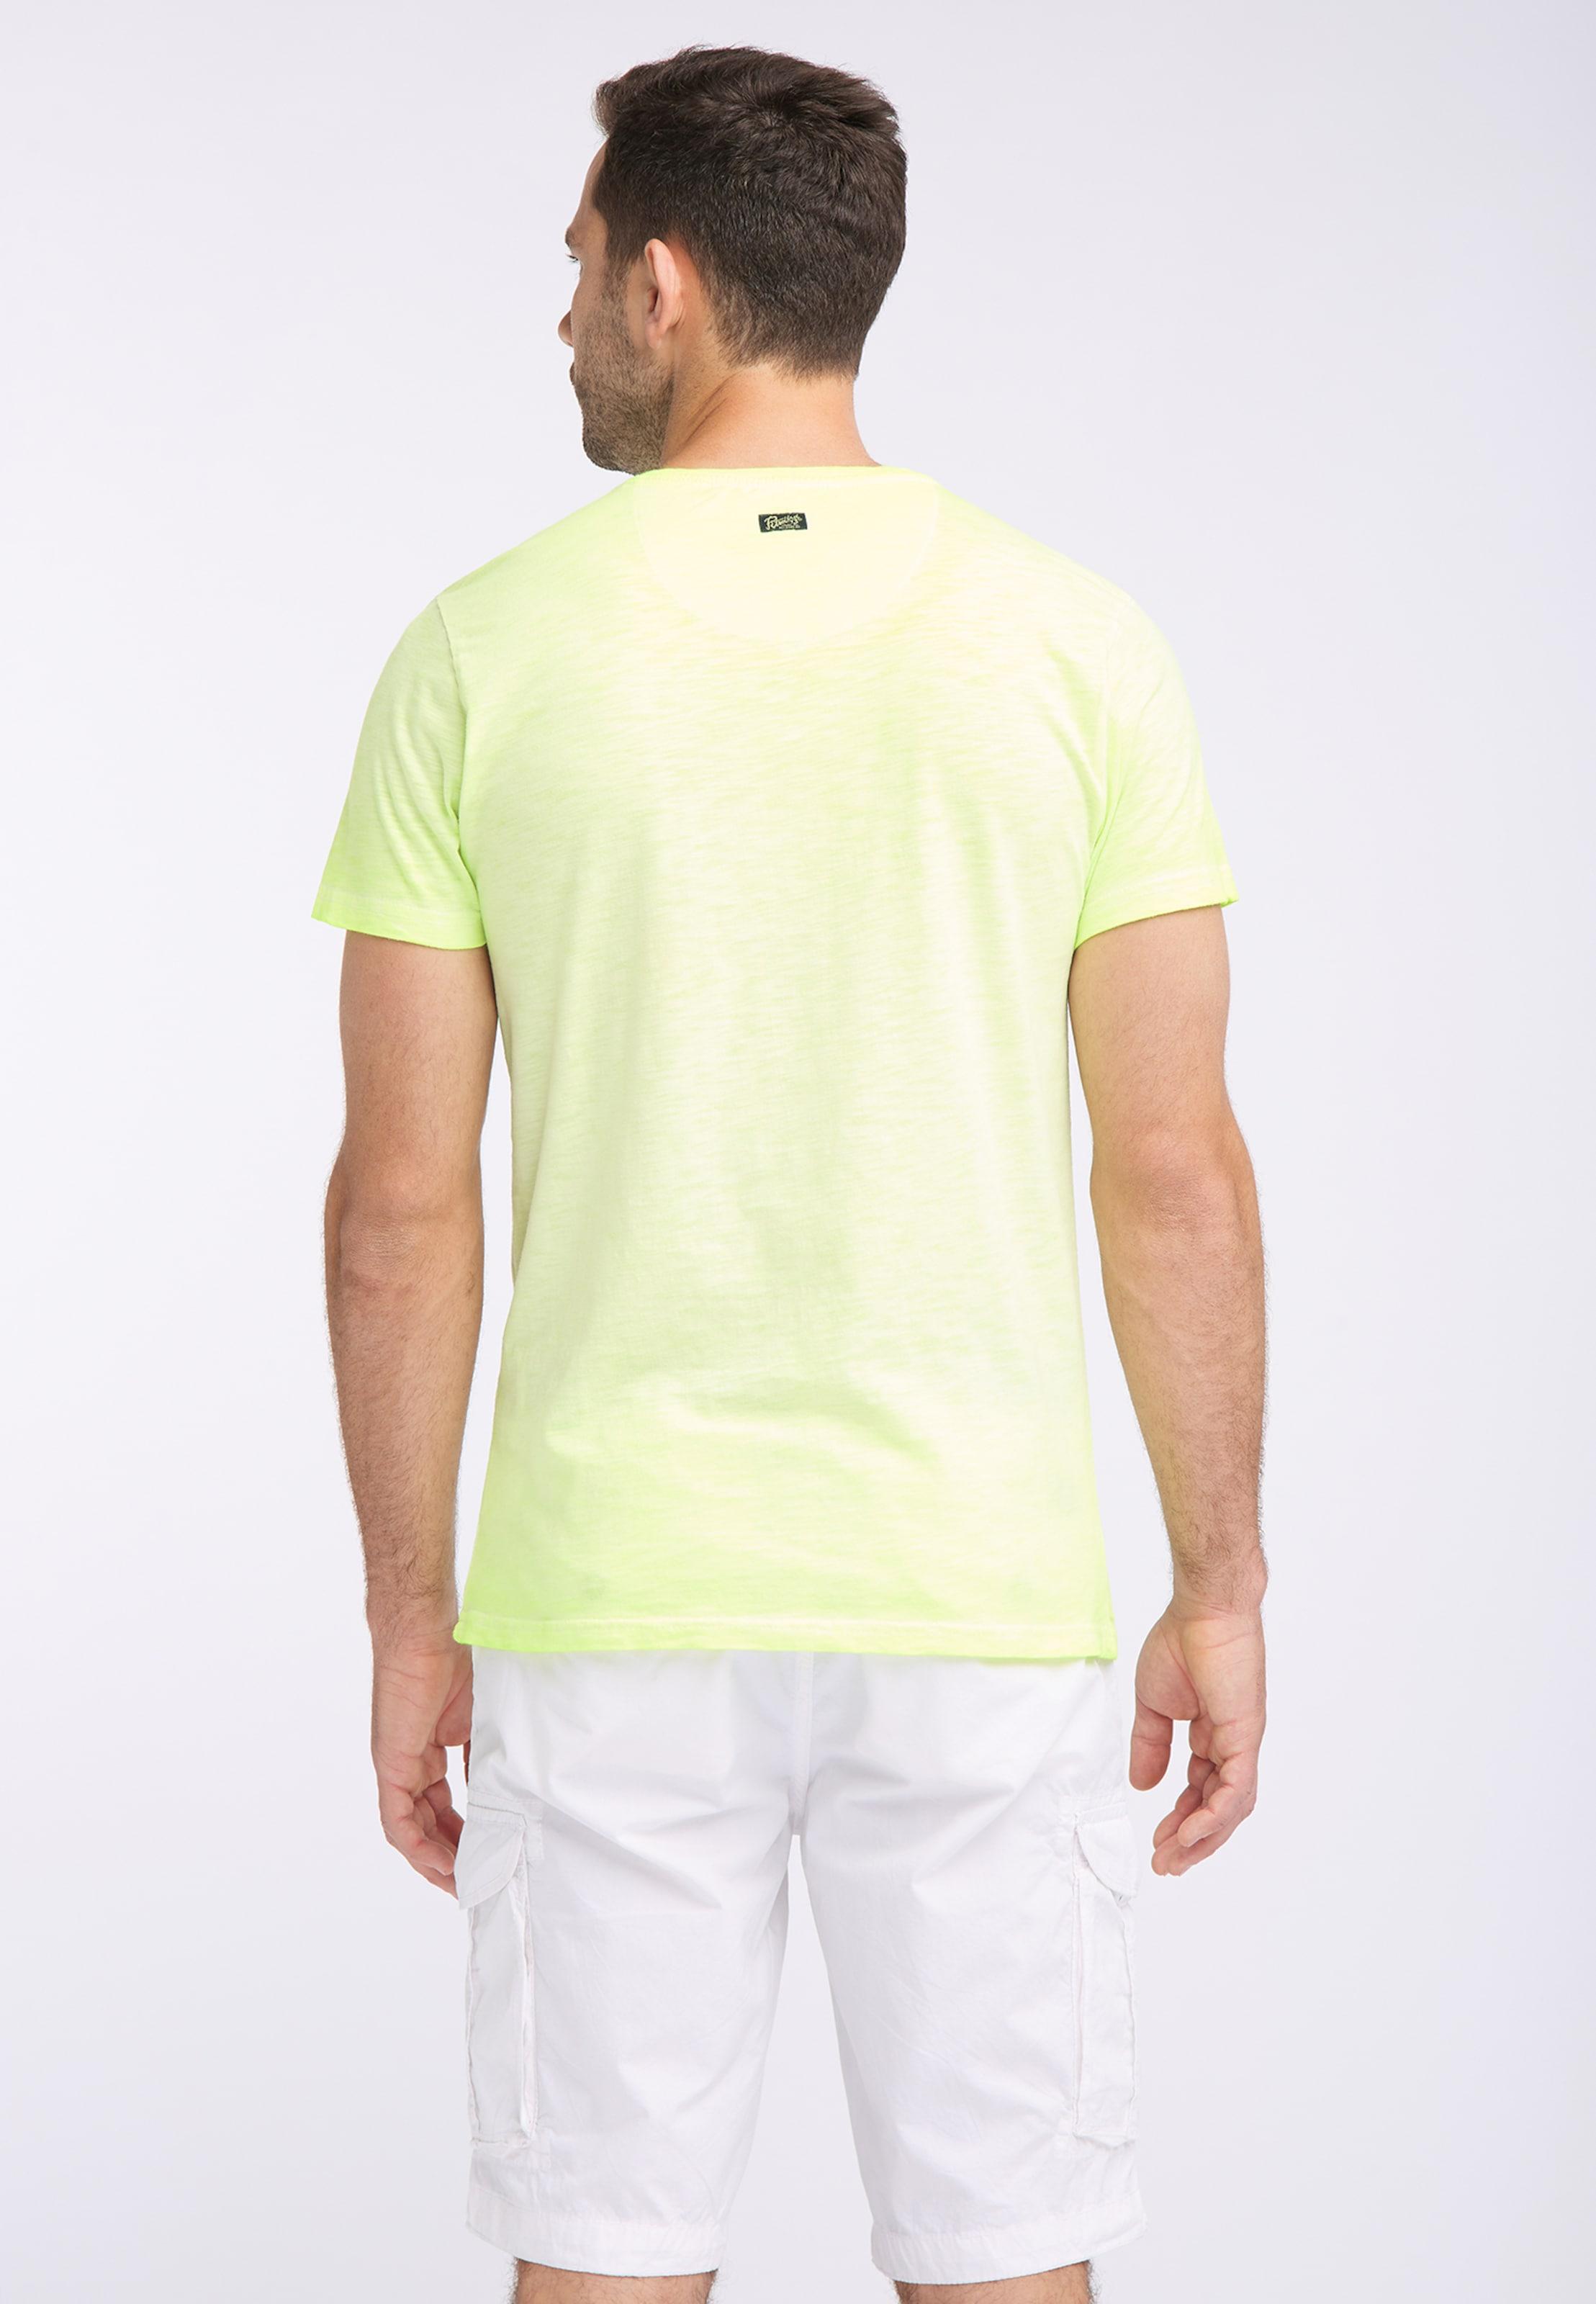 Bleu En Industries T Petrol shirt RLAj453q